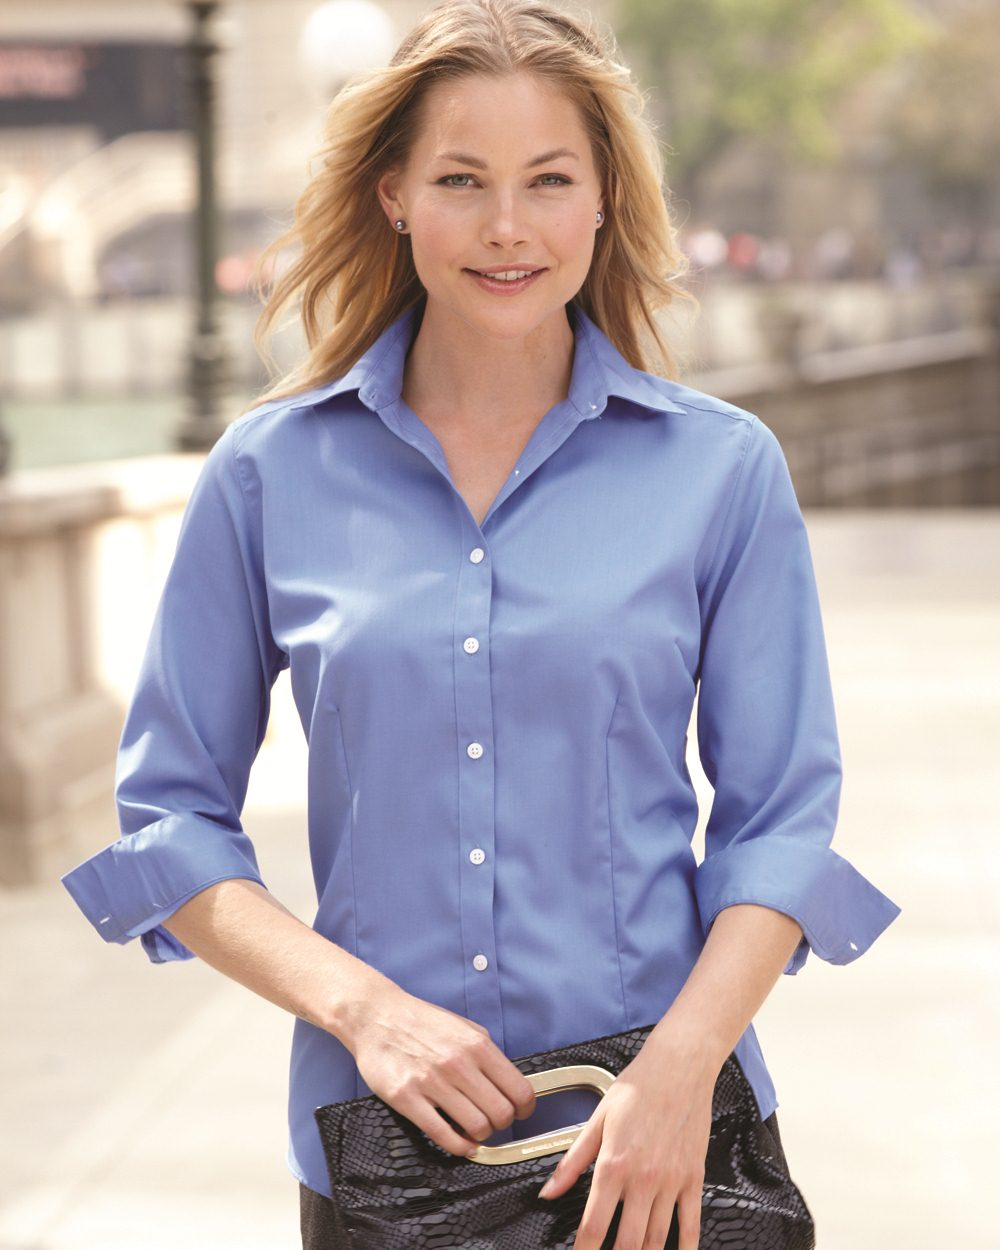 d26b05f6762 Opentip.com  Van Heusen Ladies  3 4 Sleeve Baby Twill Shirt